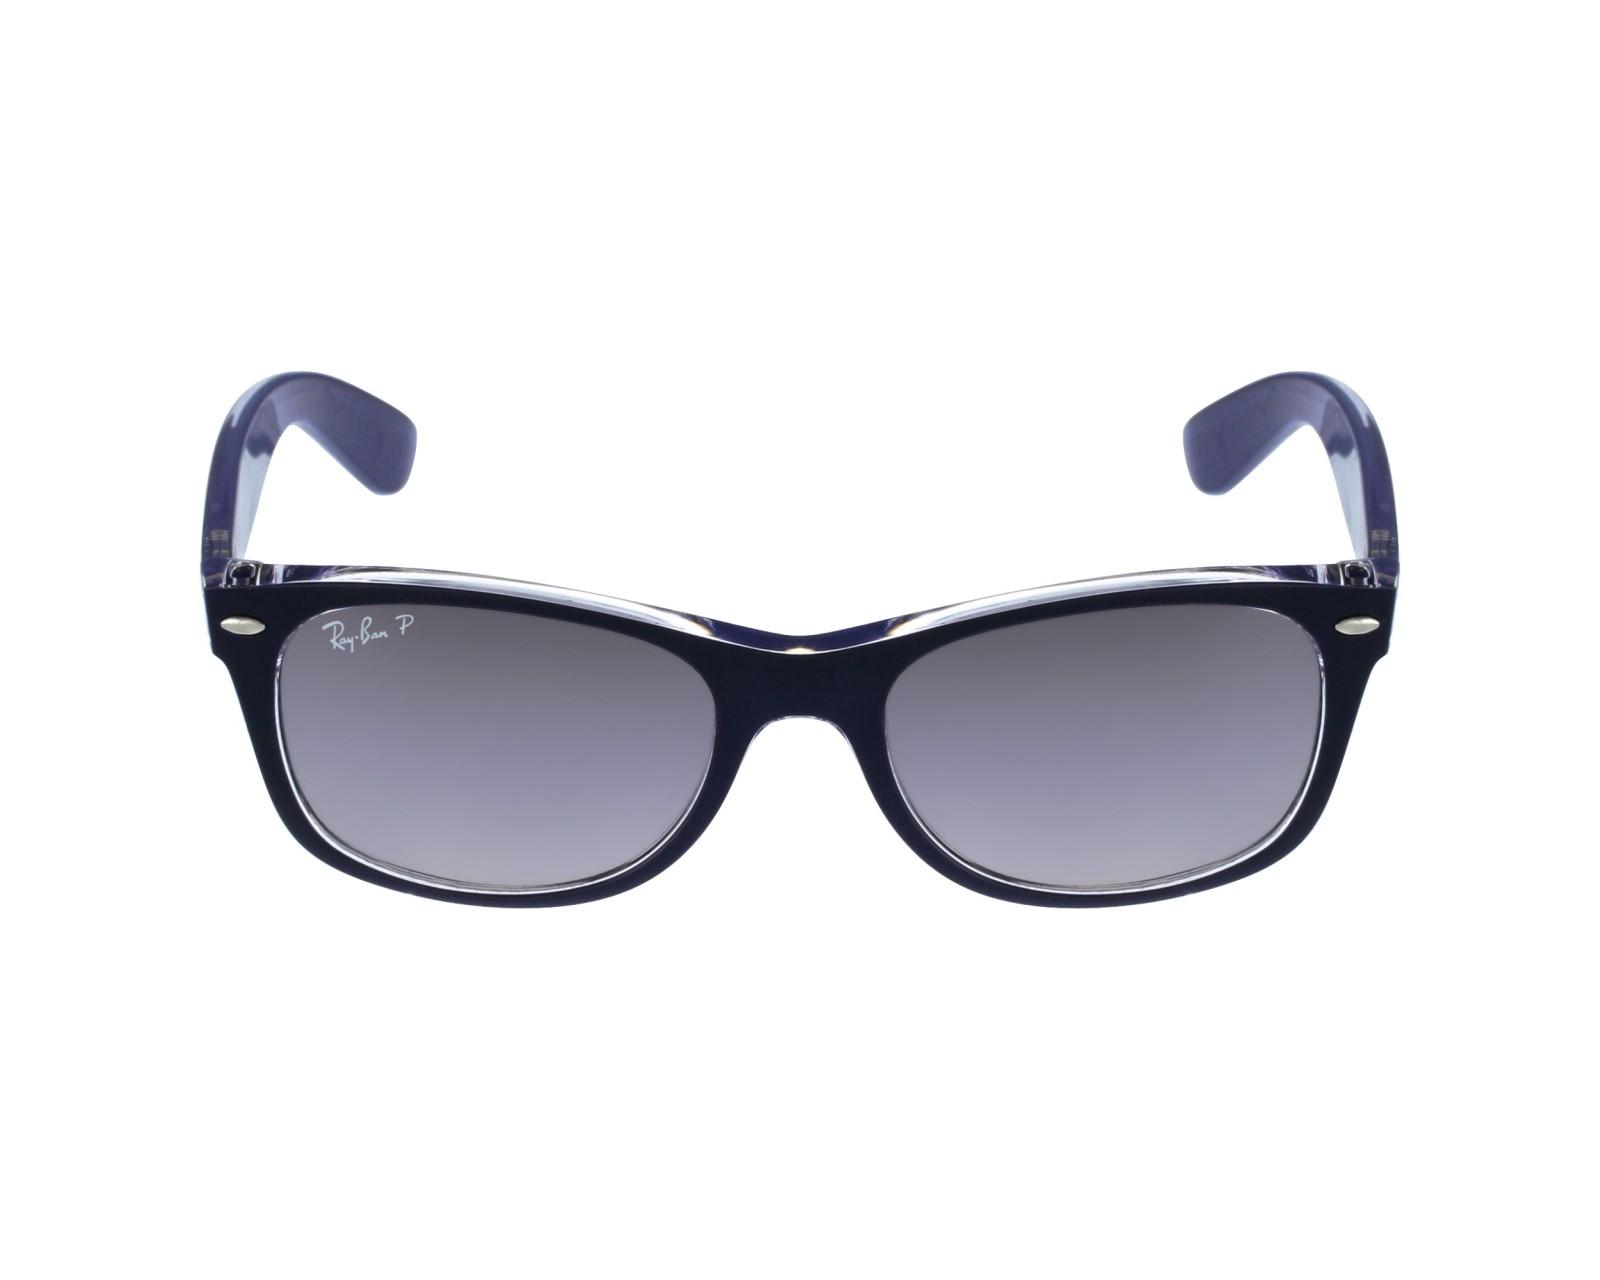 cb7df8fa36f Sunglasses Ray-Ban RB-2132 6053M3 52-18 Blue profile view